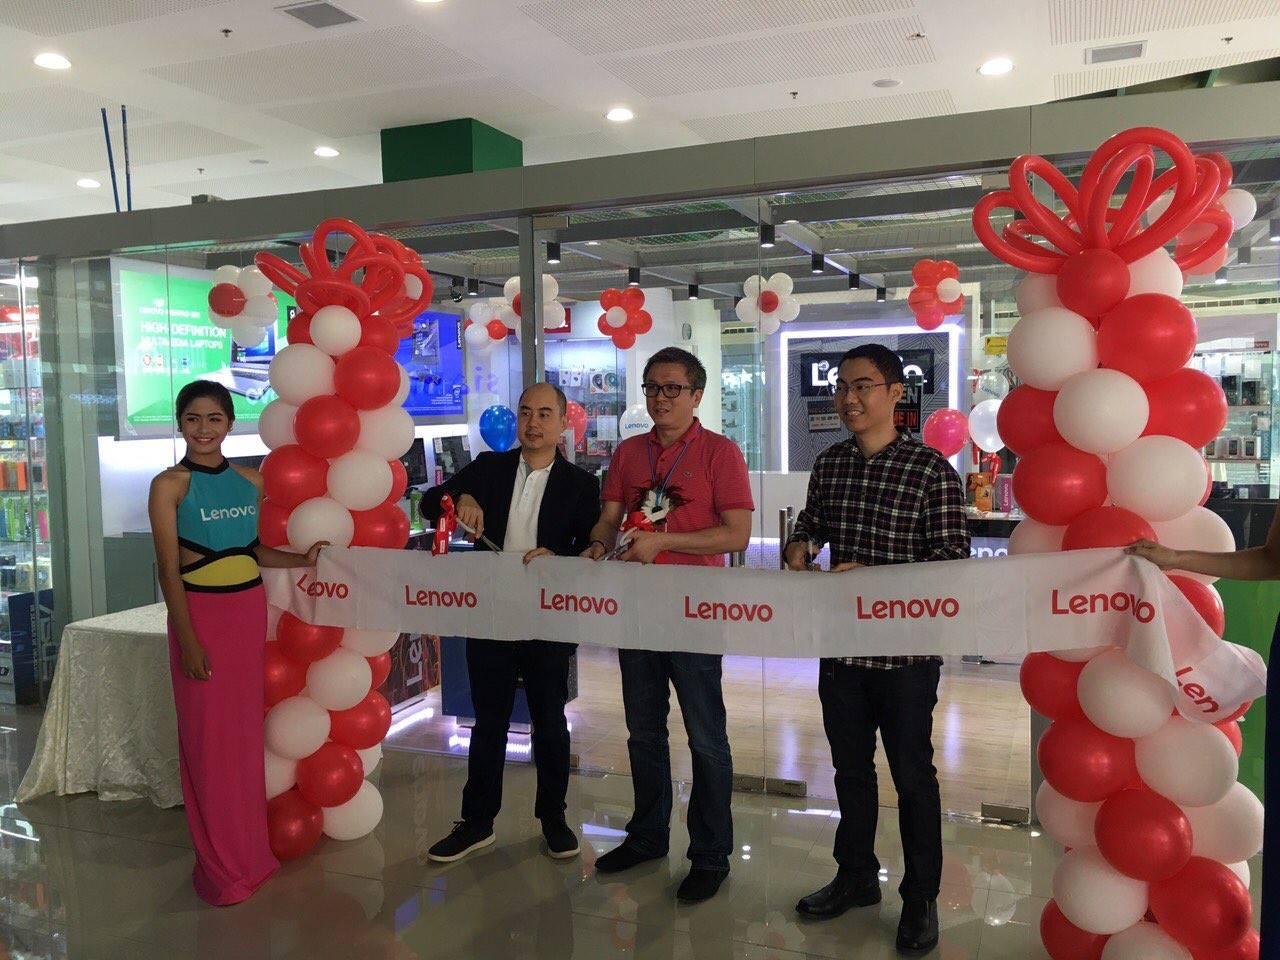 Lenovo Exclusive Store in Iloilo City